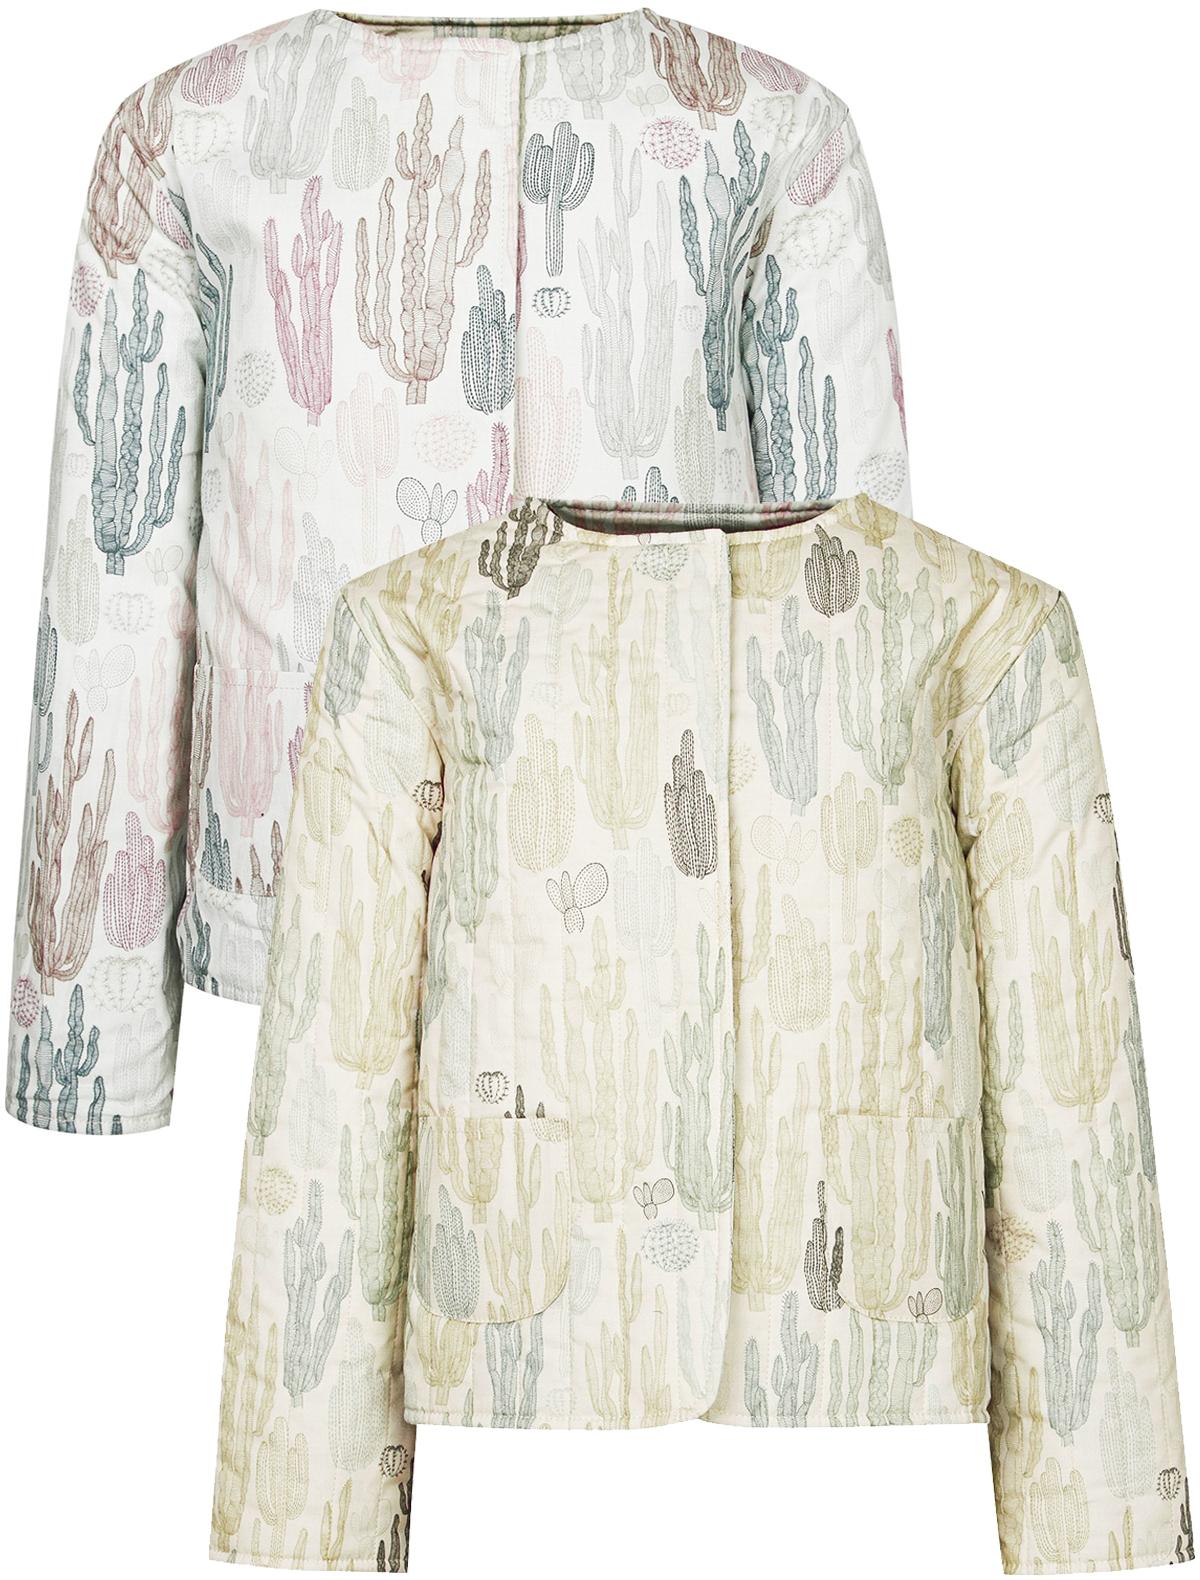 1875067, Куртка My Junior, разноцветный, Женский, 1073000871177  - купить со скидкой